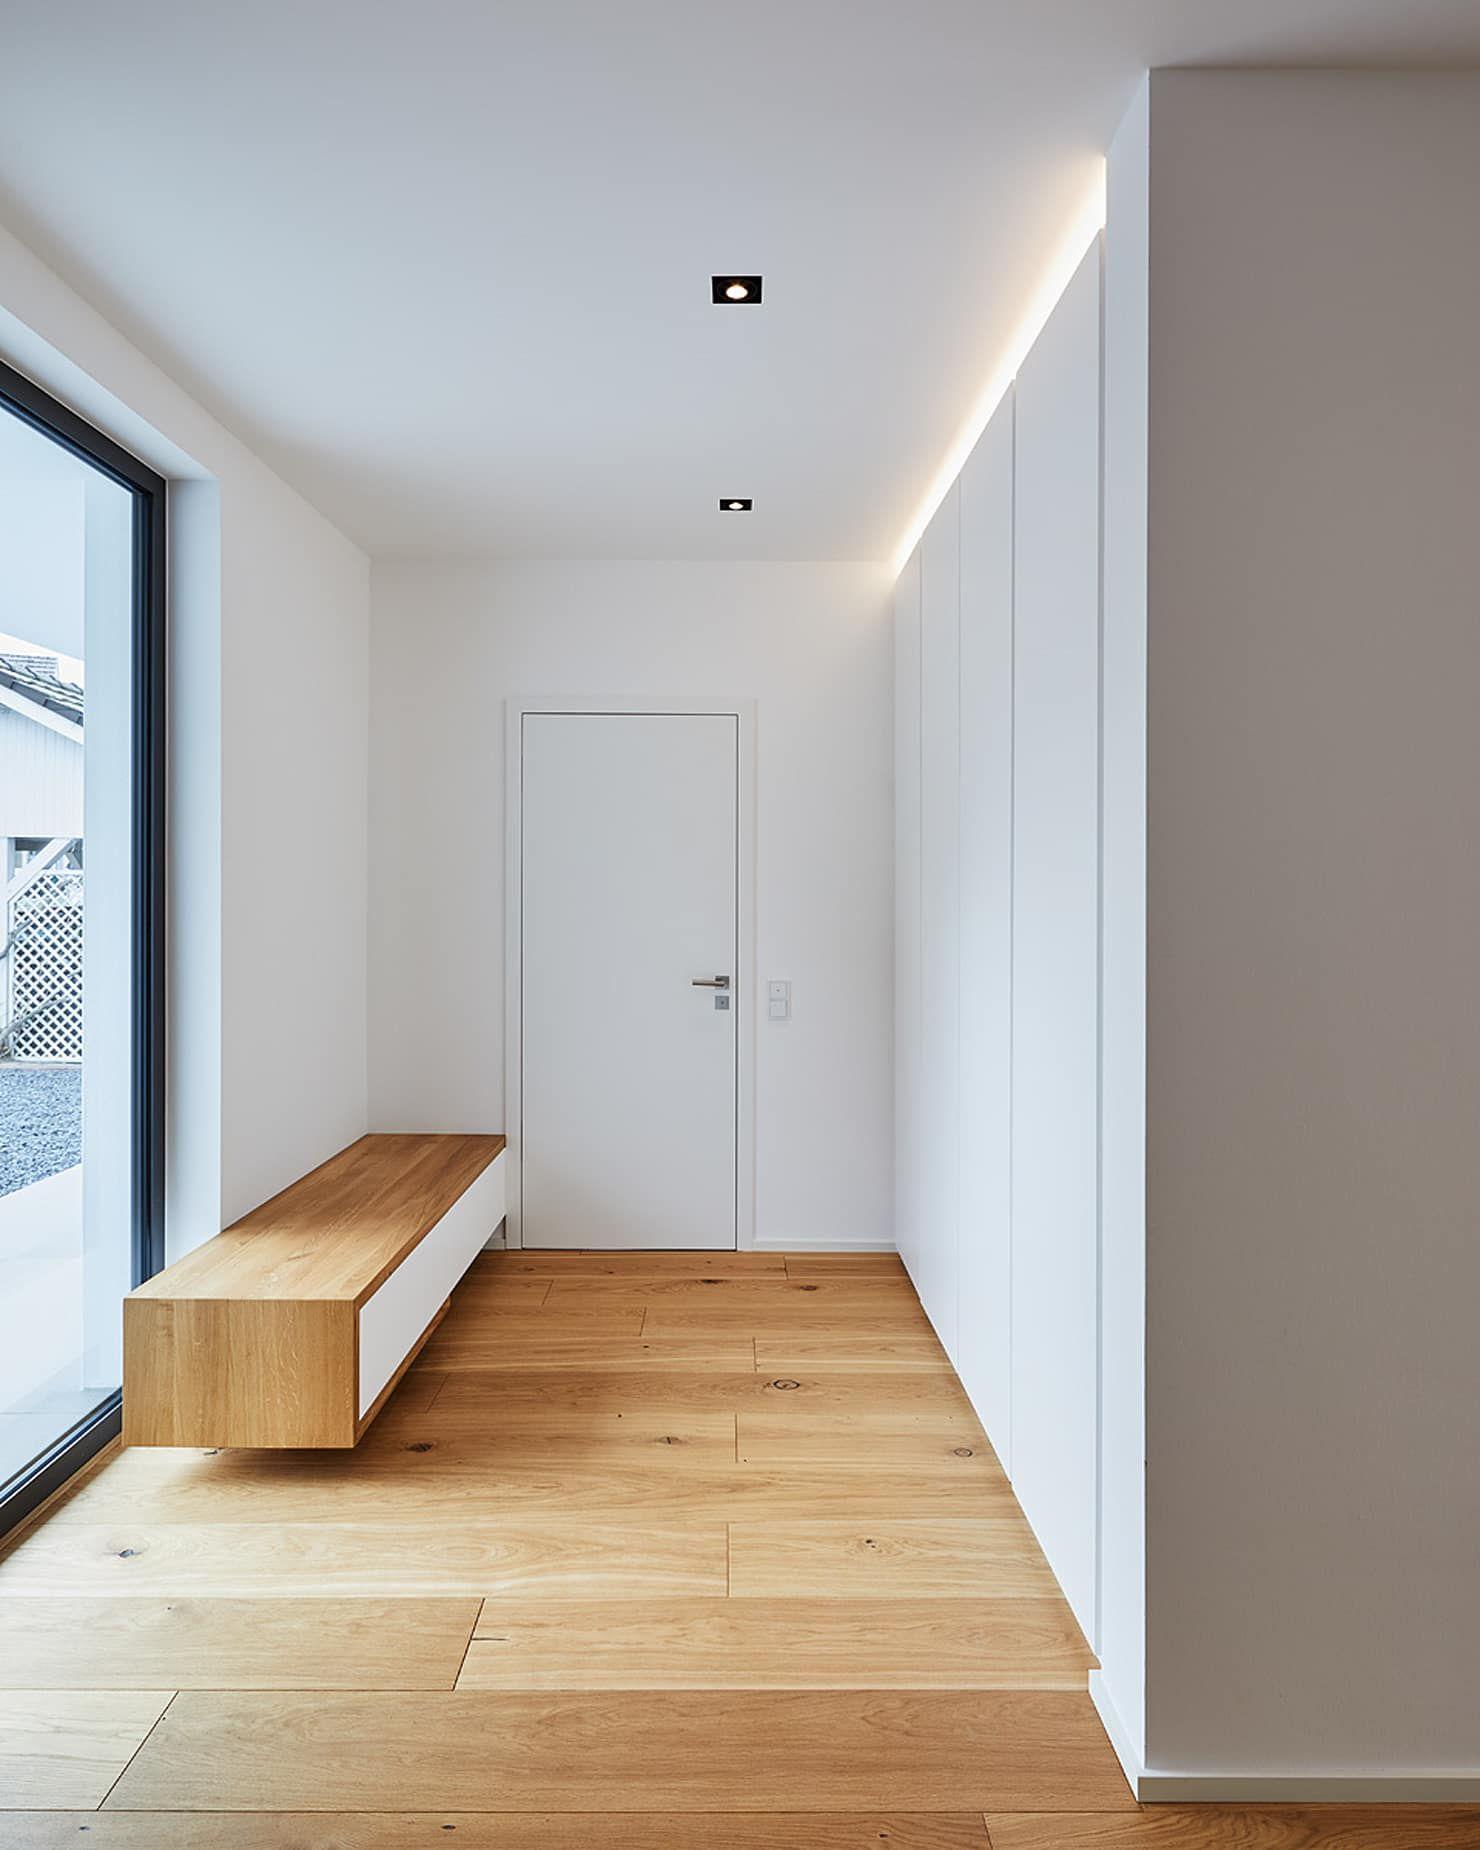 Efh in bornheim moderner flur, diele & treppenhaus von philip kistner fotografie modern holz holznachbildung | homify